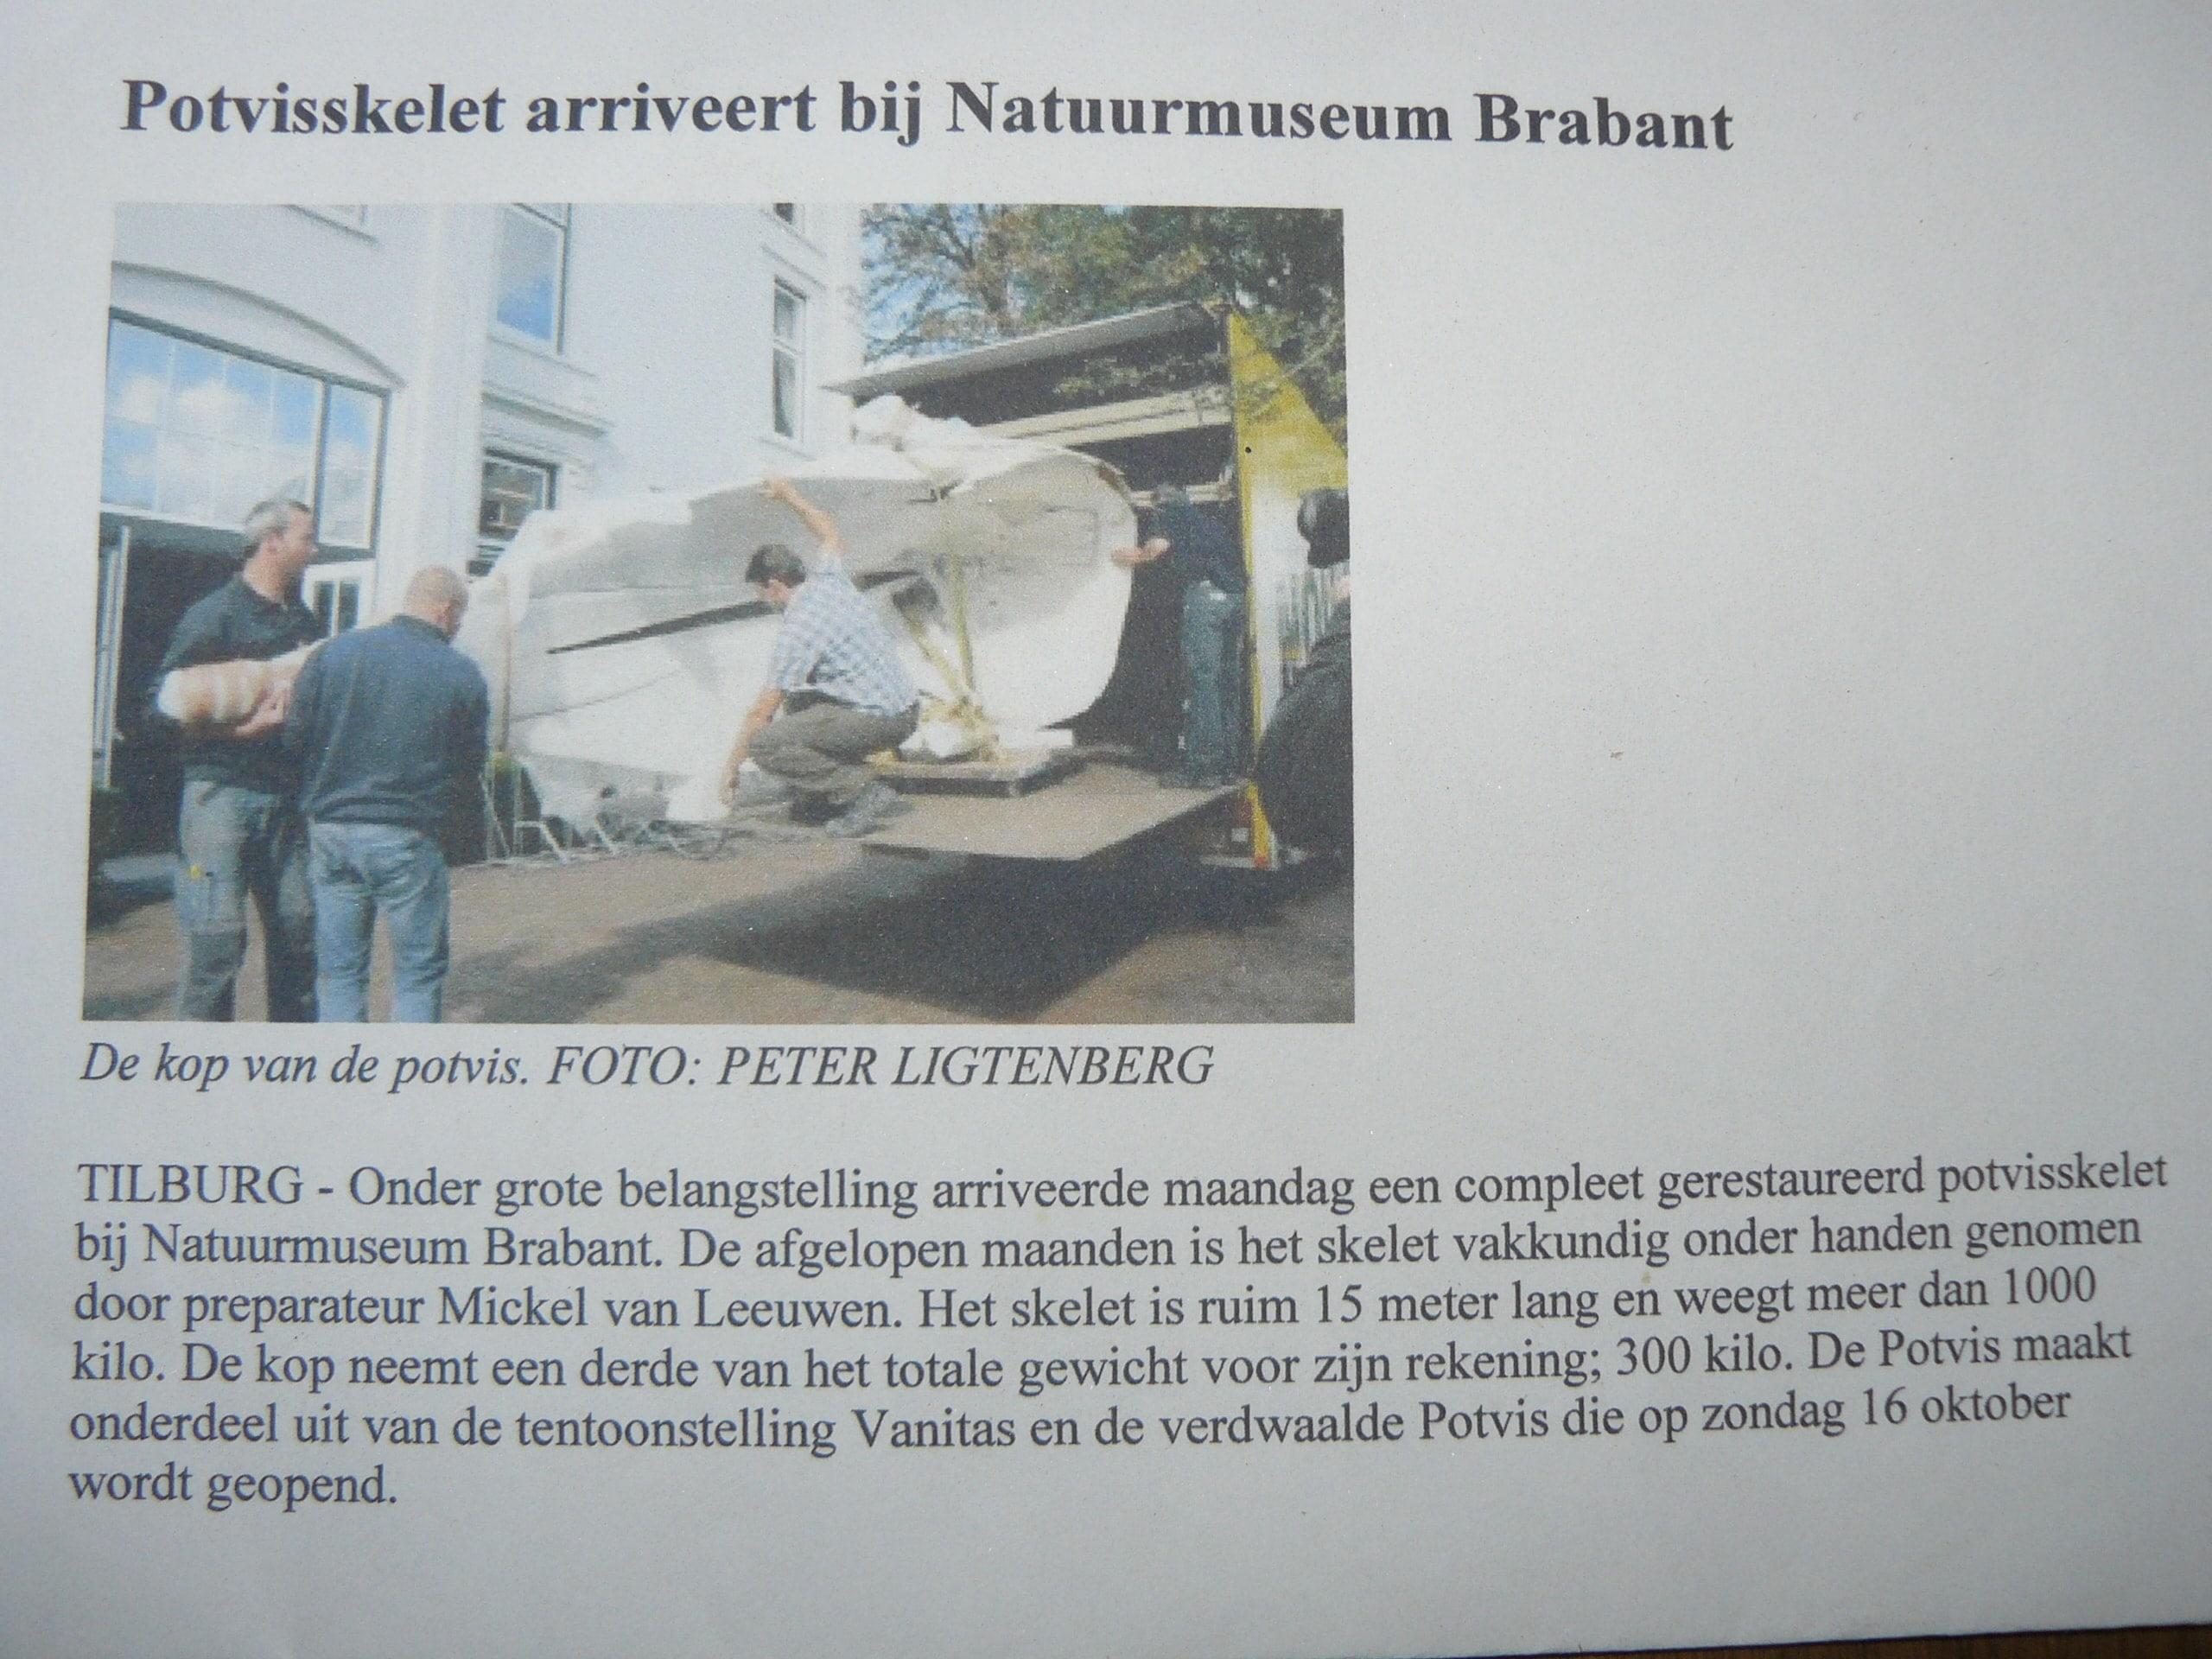 Potvis Natuur Museum Brabant